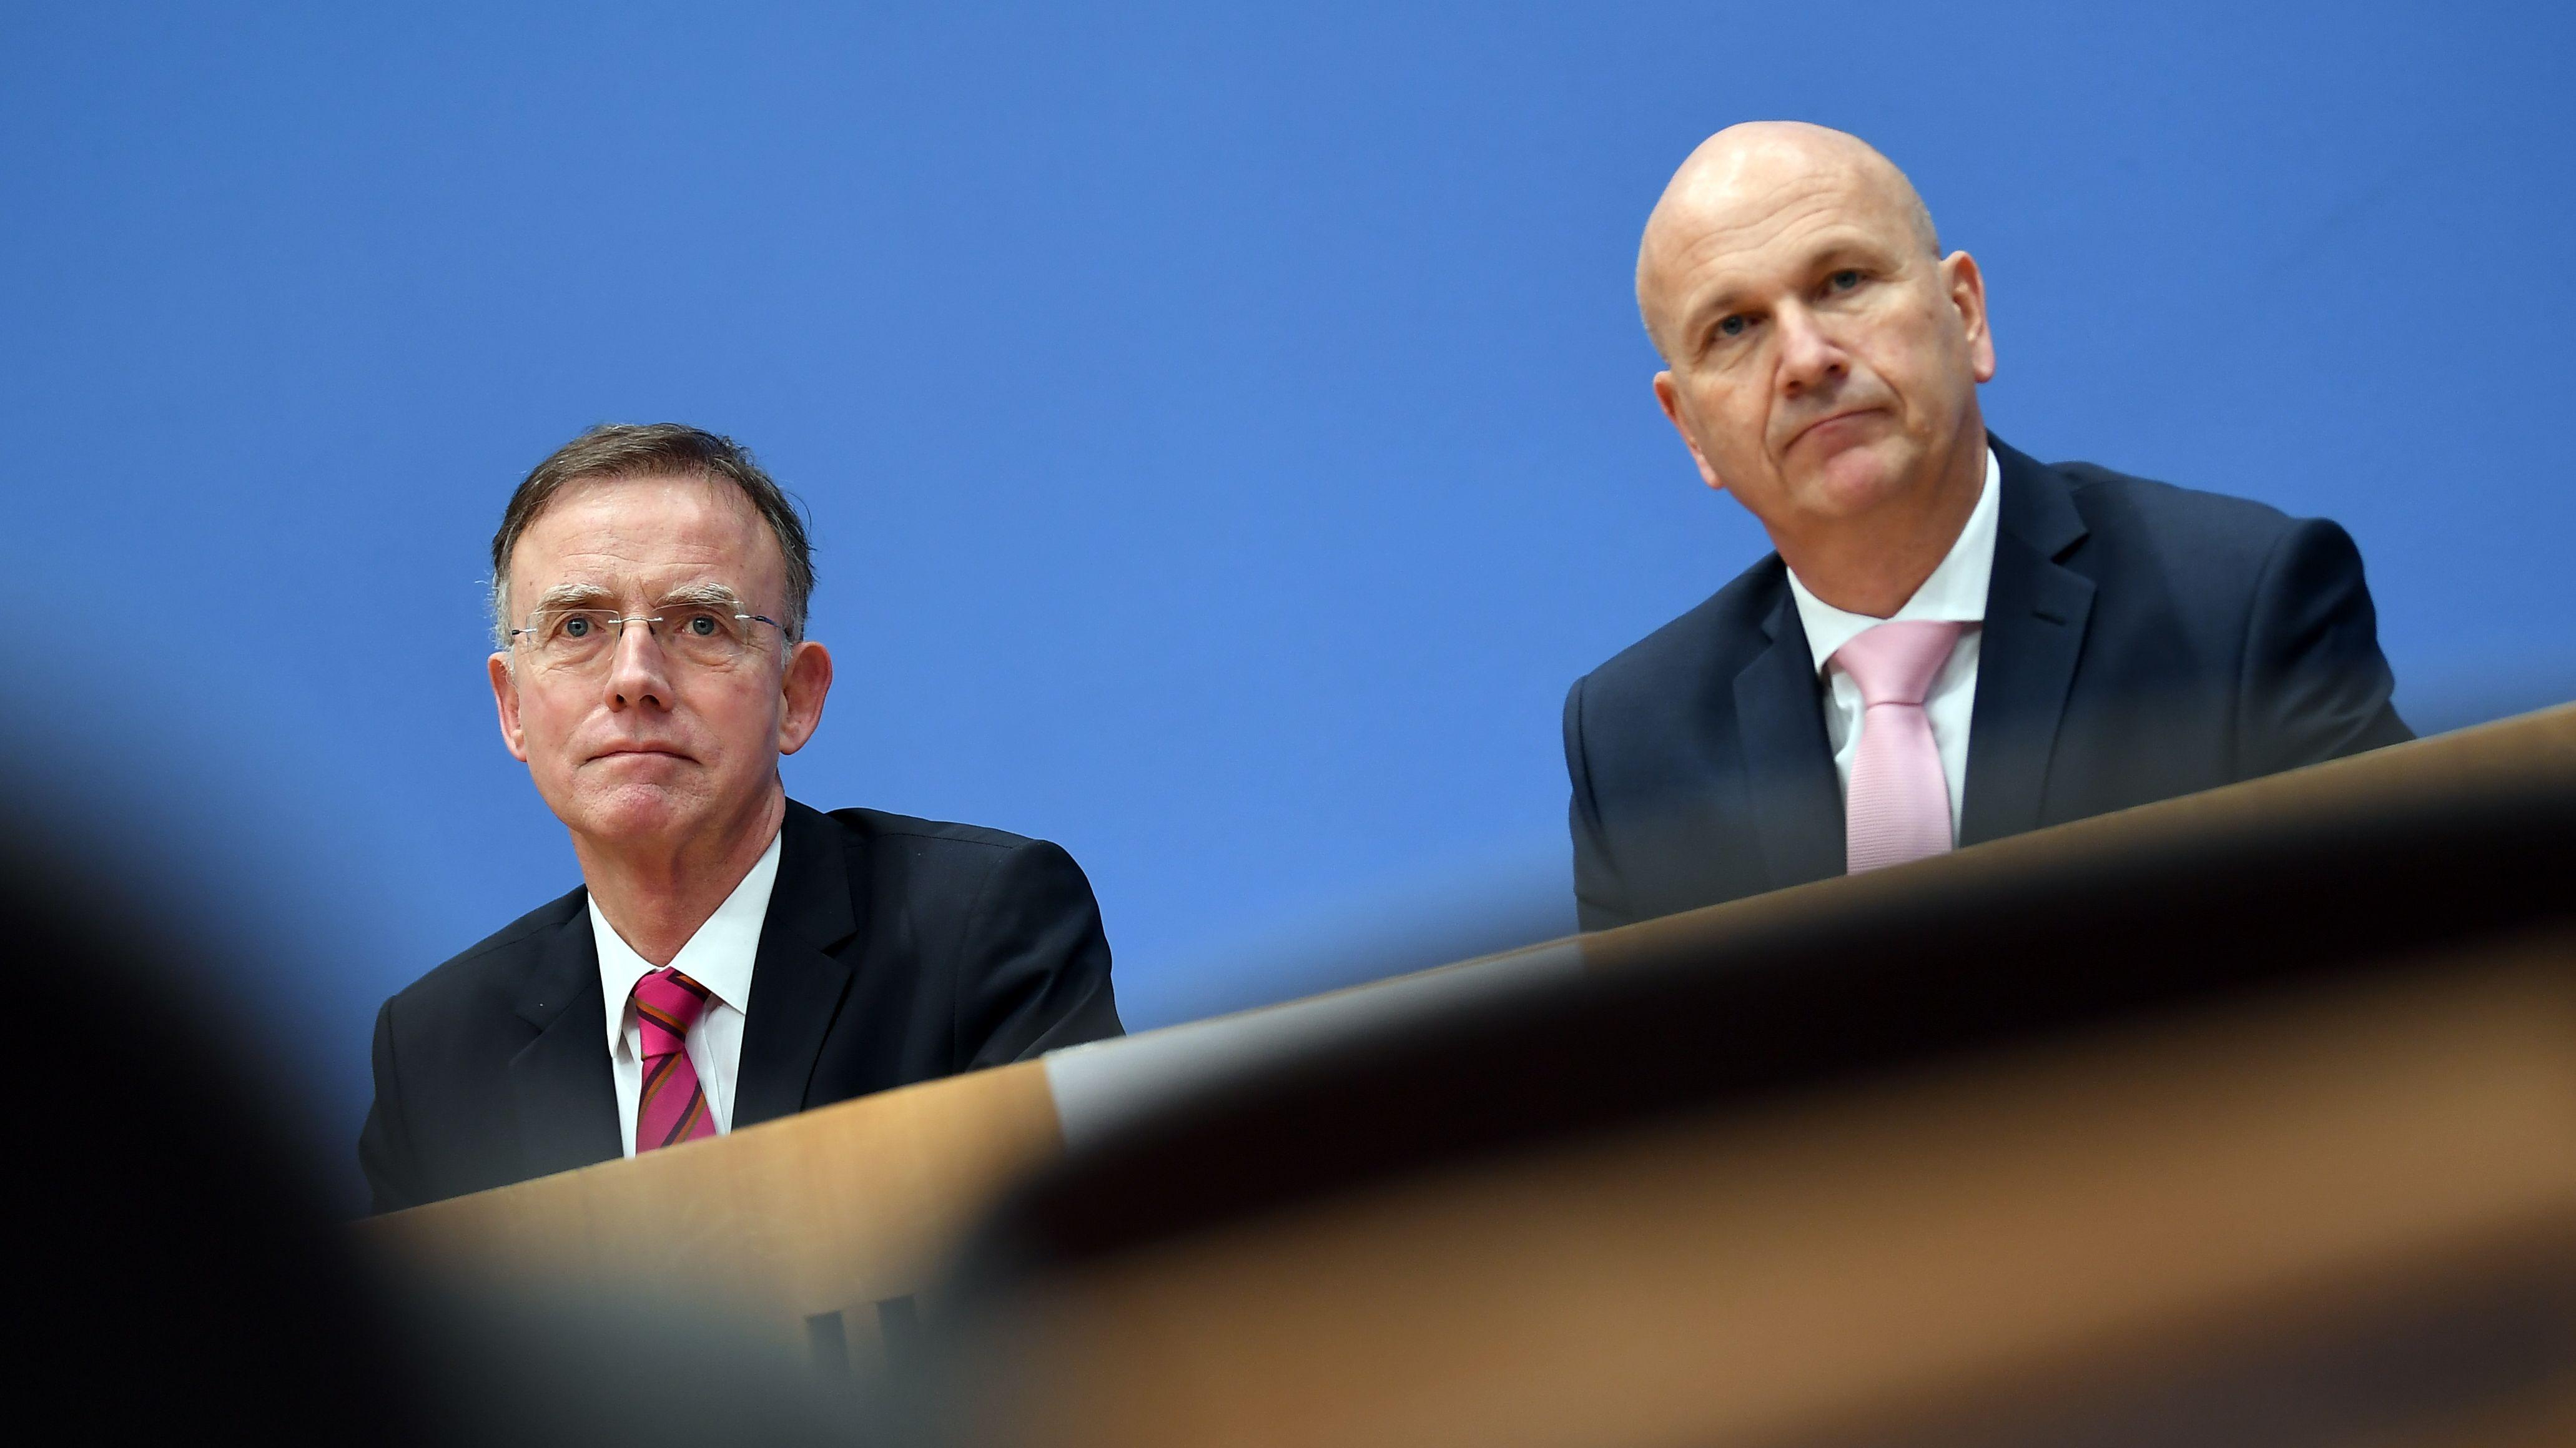 Gerd Landsberg (l), Hauptgeschäftsführer des Deutschen Städte- und Gemeindebundes,und Uwe Brandl, DStGB-Präsident bei einer Pressekonferenz.